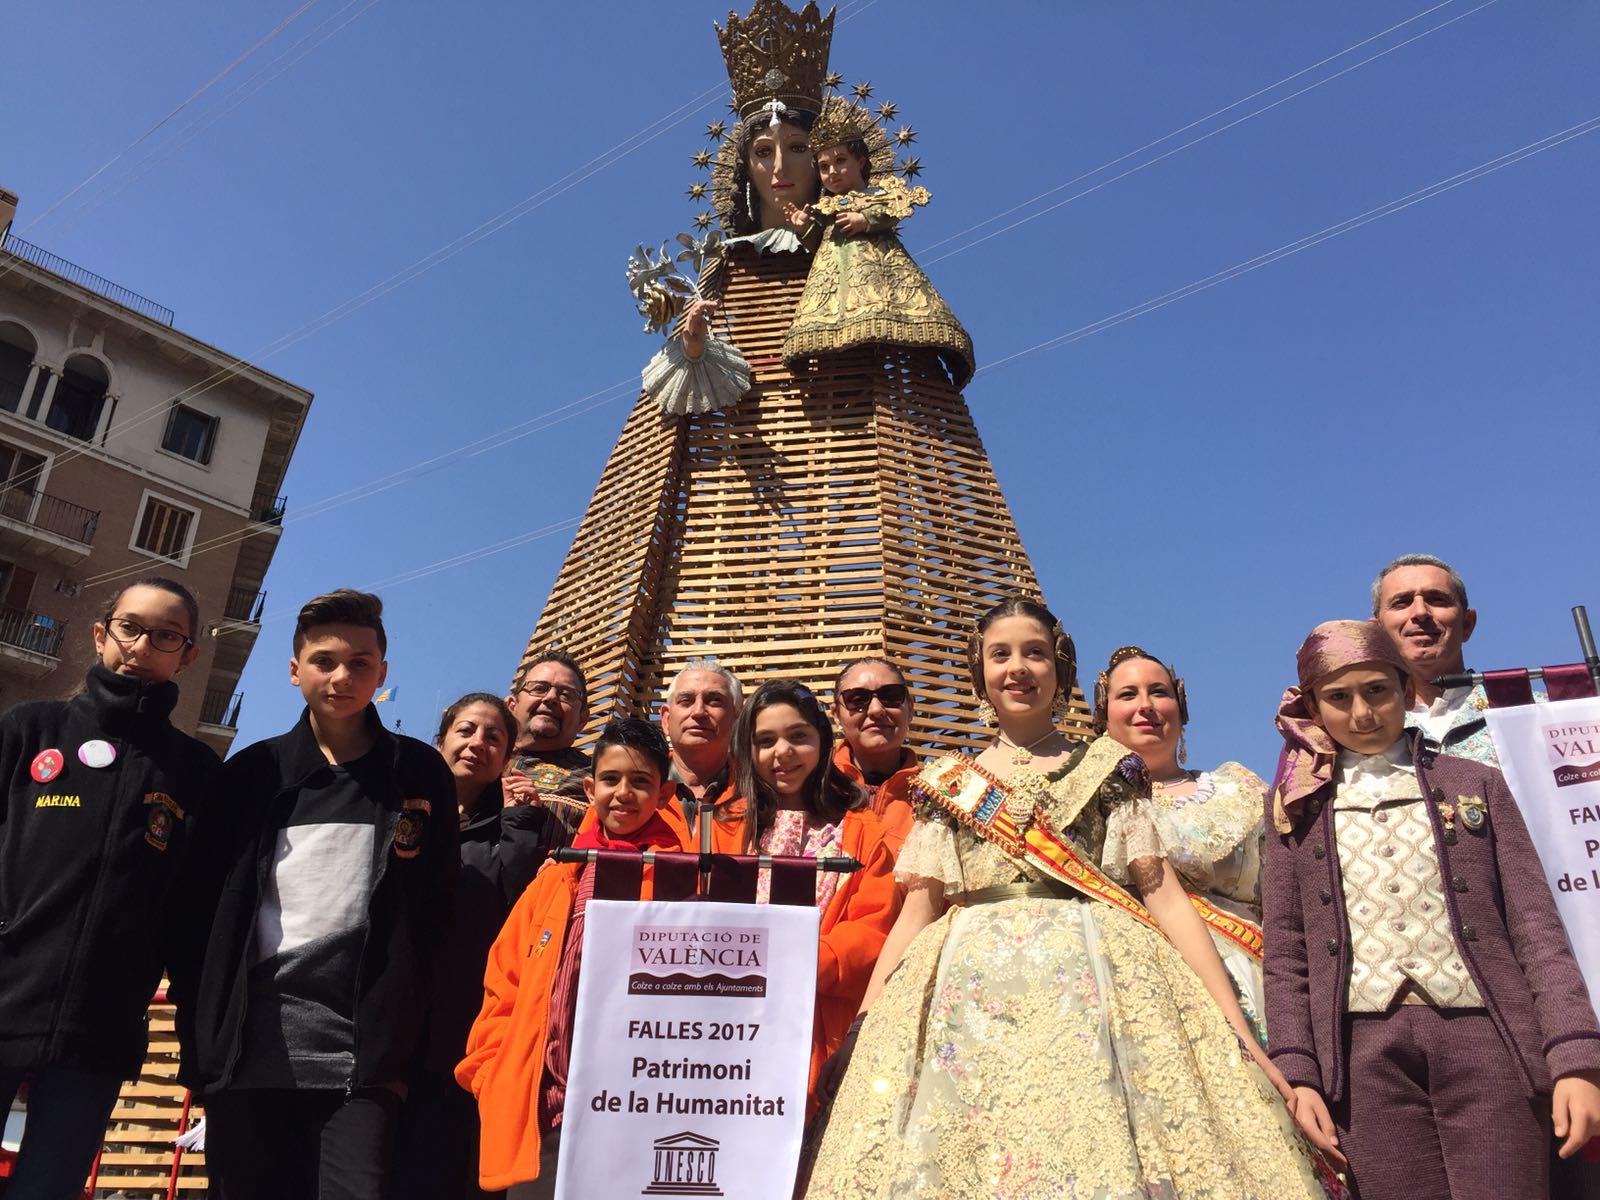 Las tres comisiones falleras visitan la Diputación de Valencia para recoger el estandarte conmemorativo del año de la declaración de las Fallas como Patrimonio de la Humanidad.